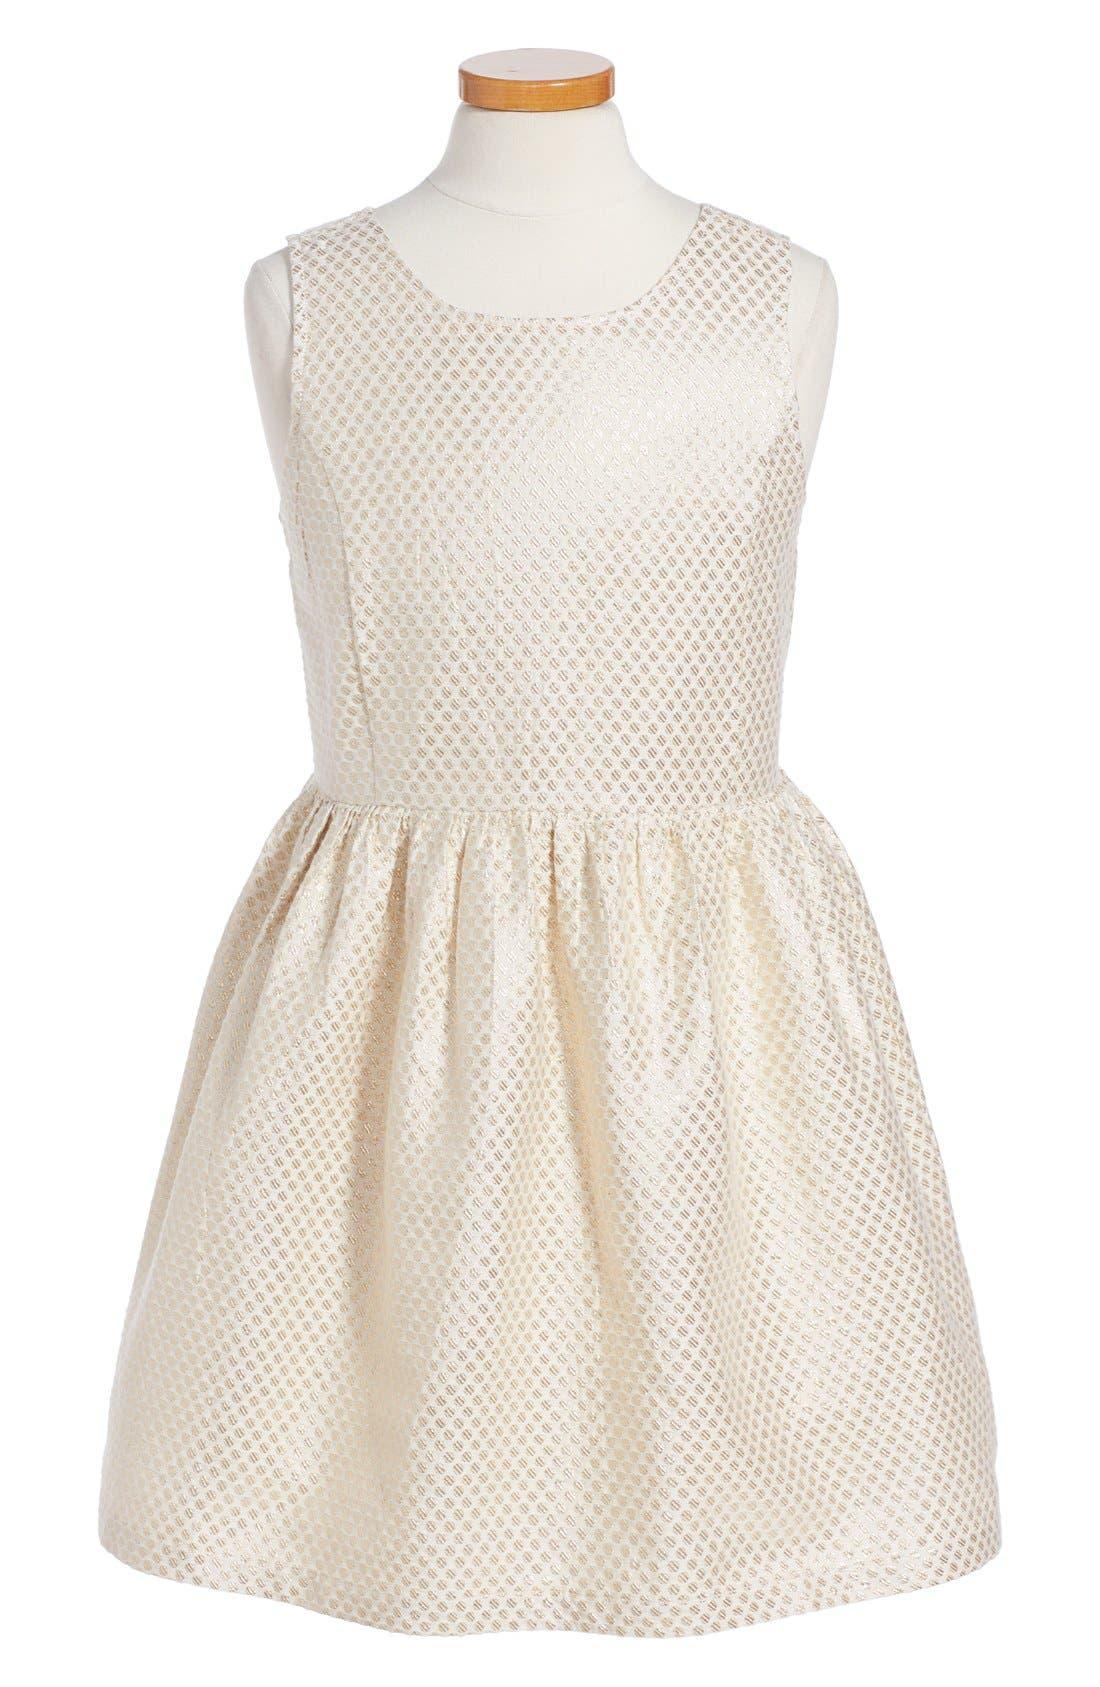 Main Image - Ruby & Bloom 'Sophie' Metallic Dot Dress (Big Girls)